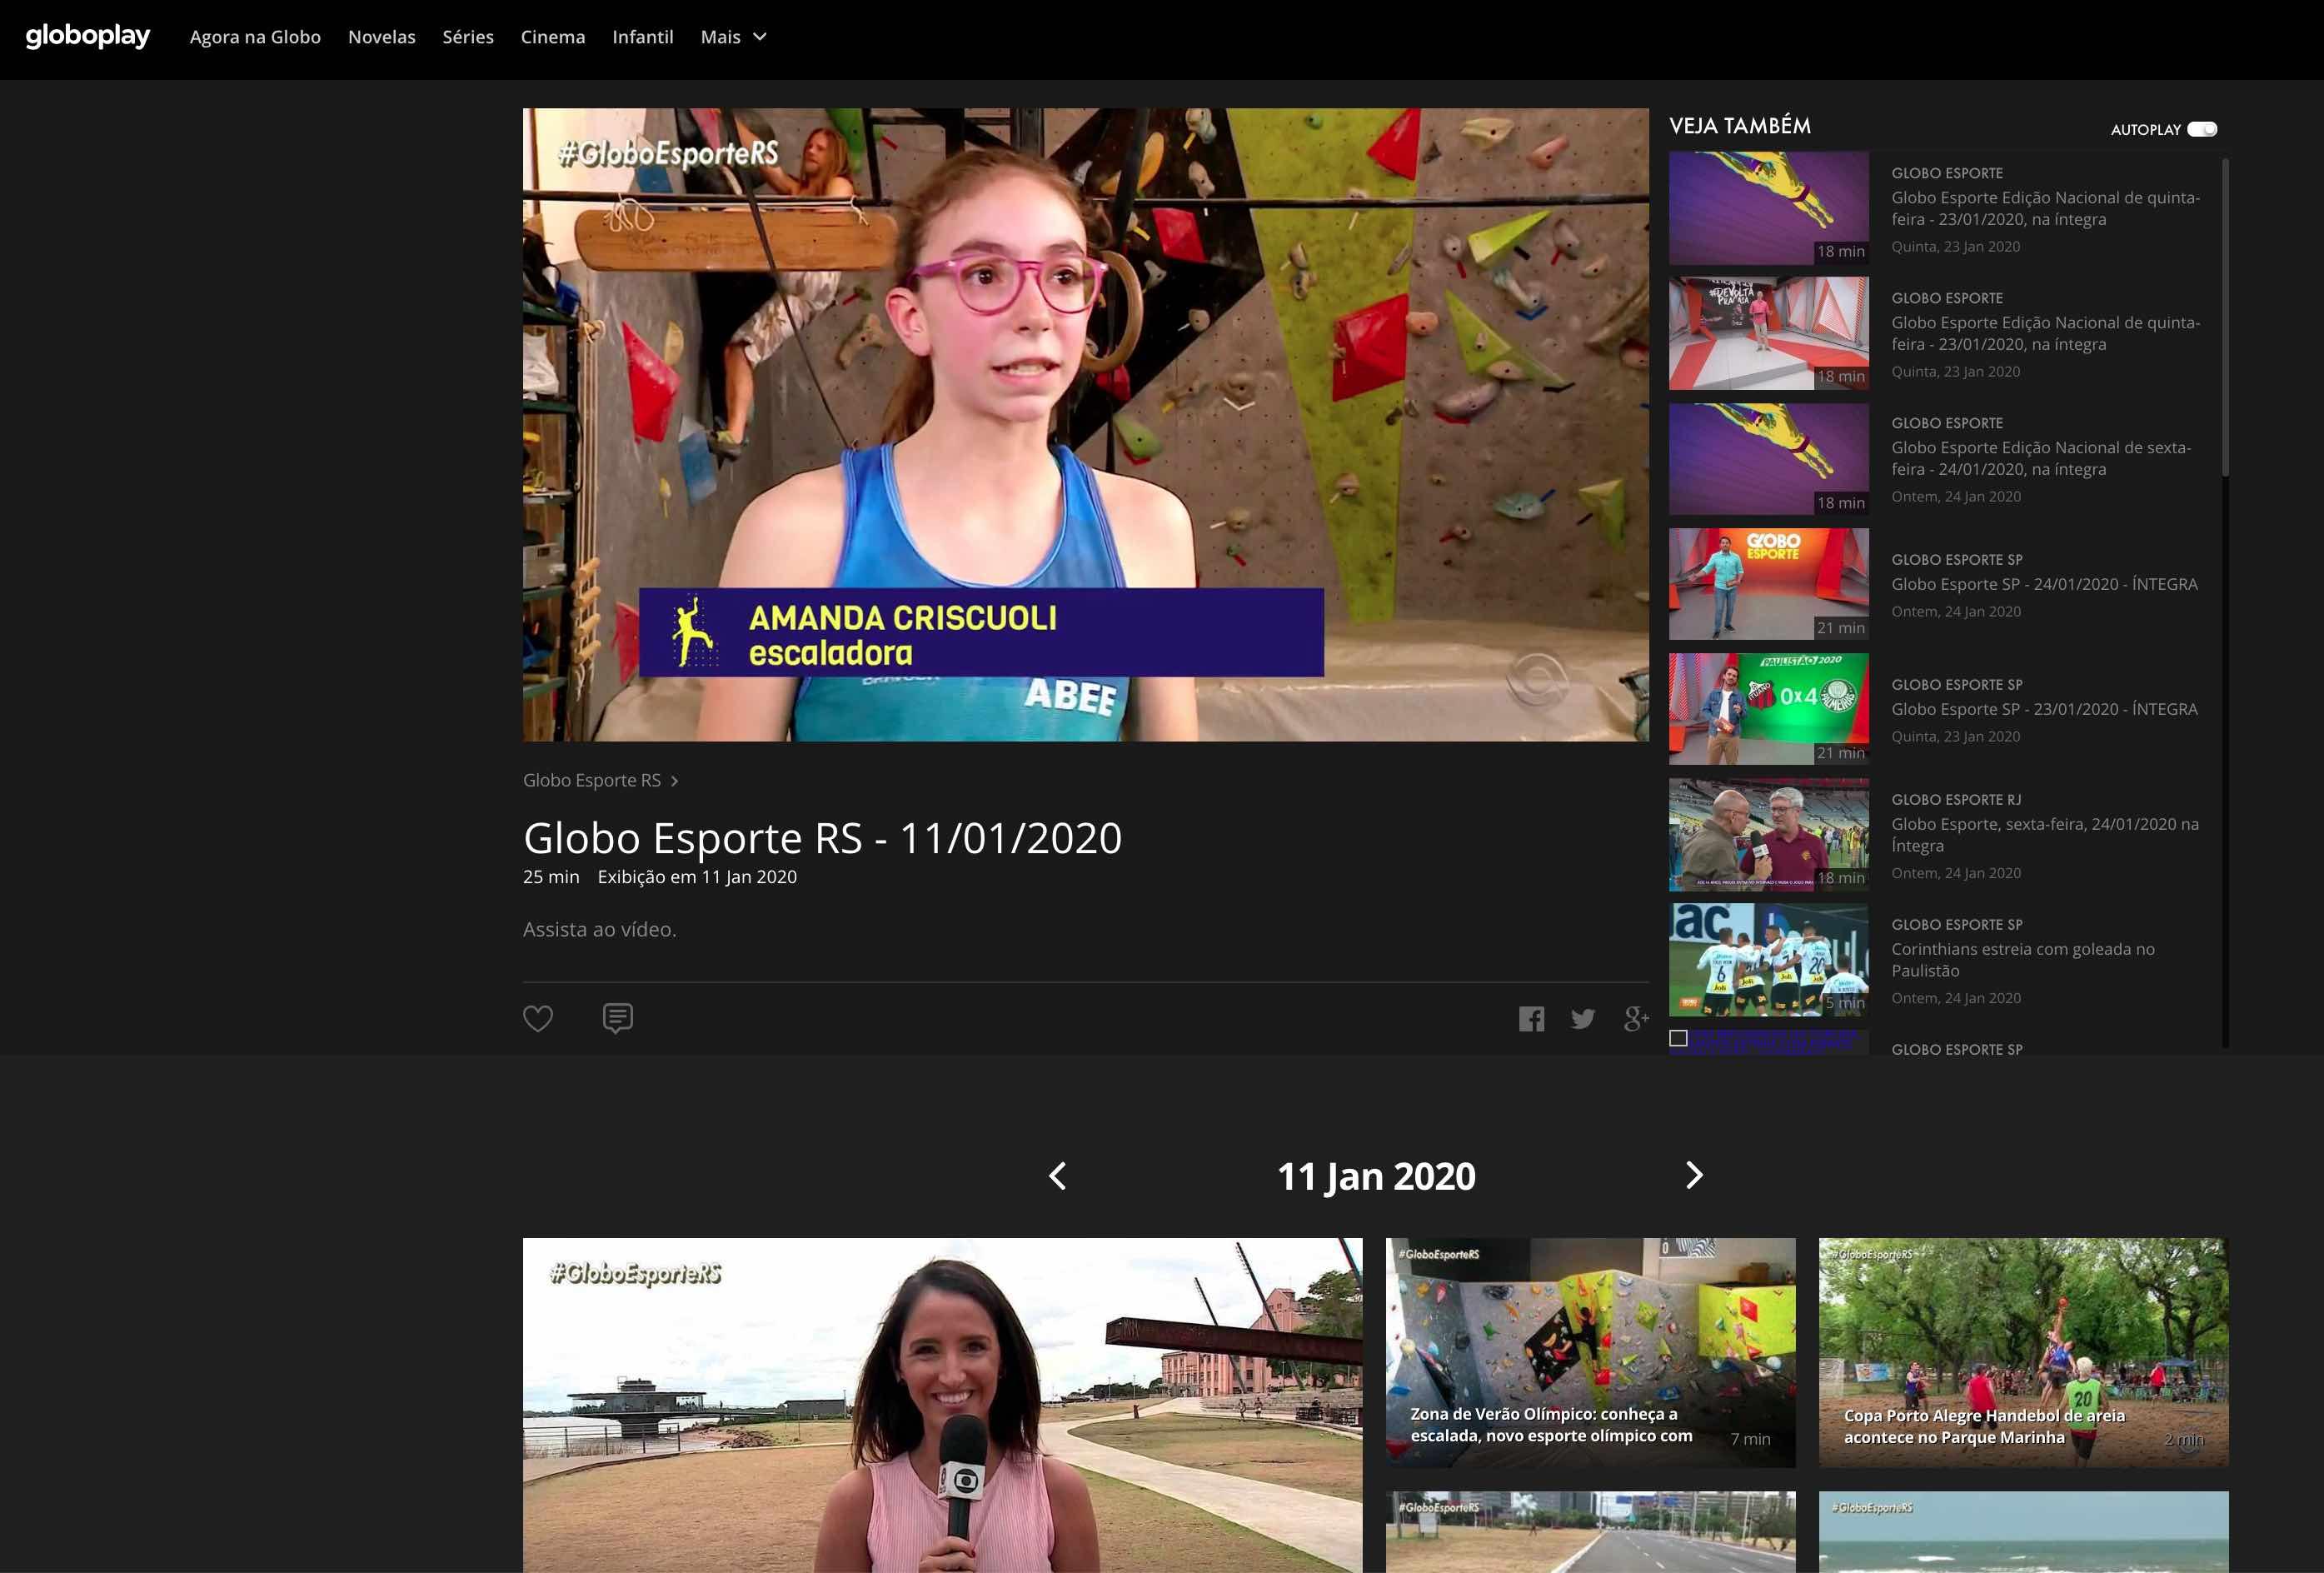 Program Globo Esporte RS - Zona de Verão Olímpico